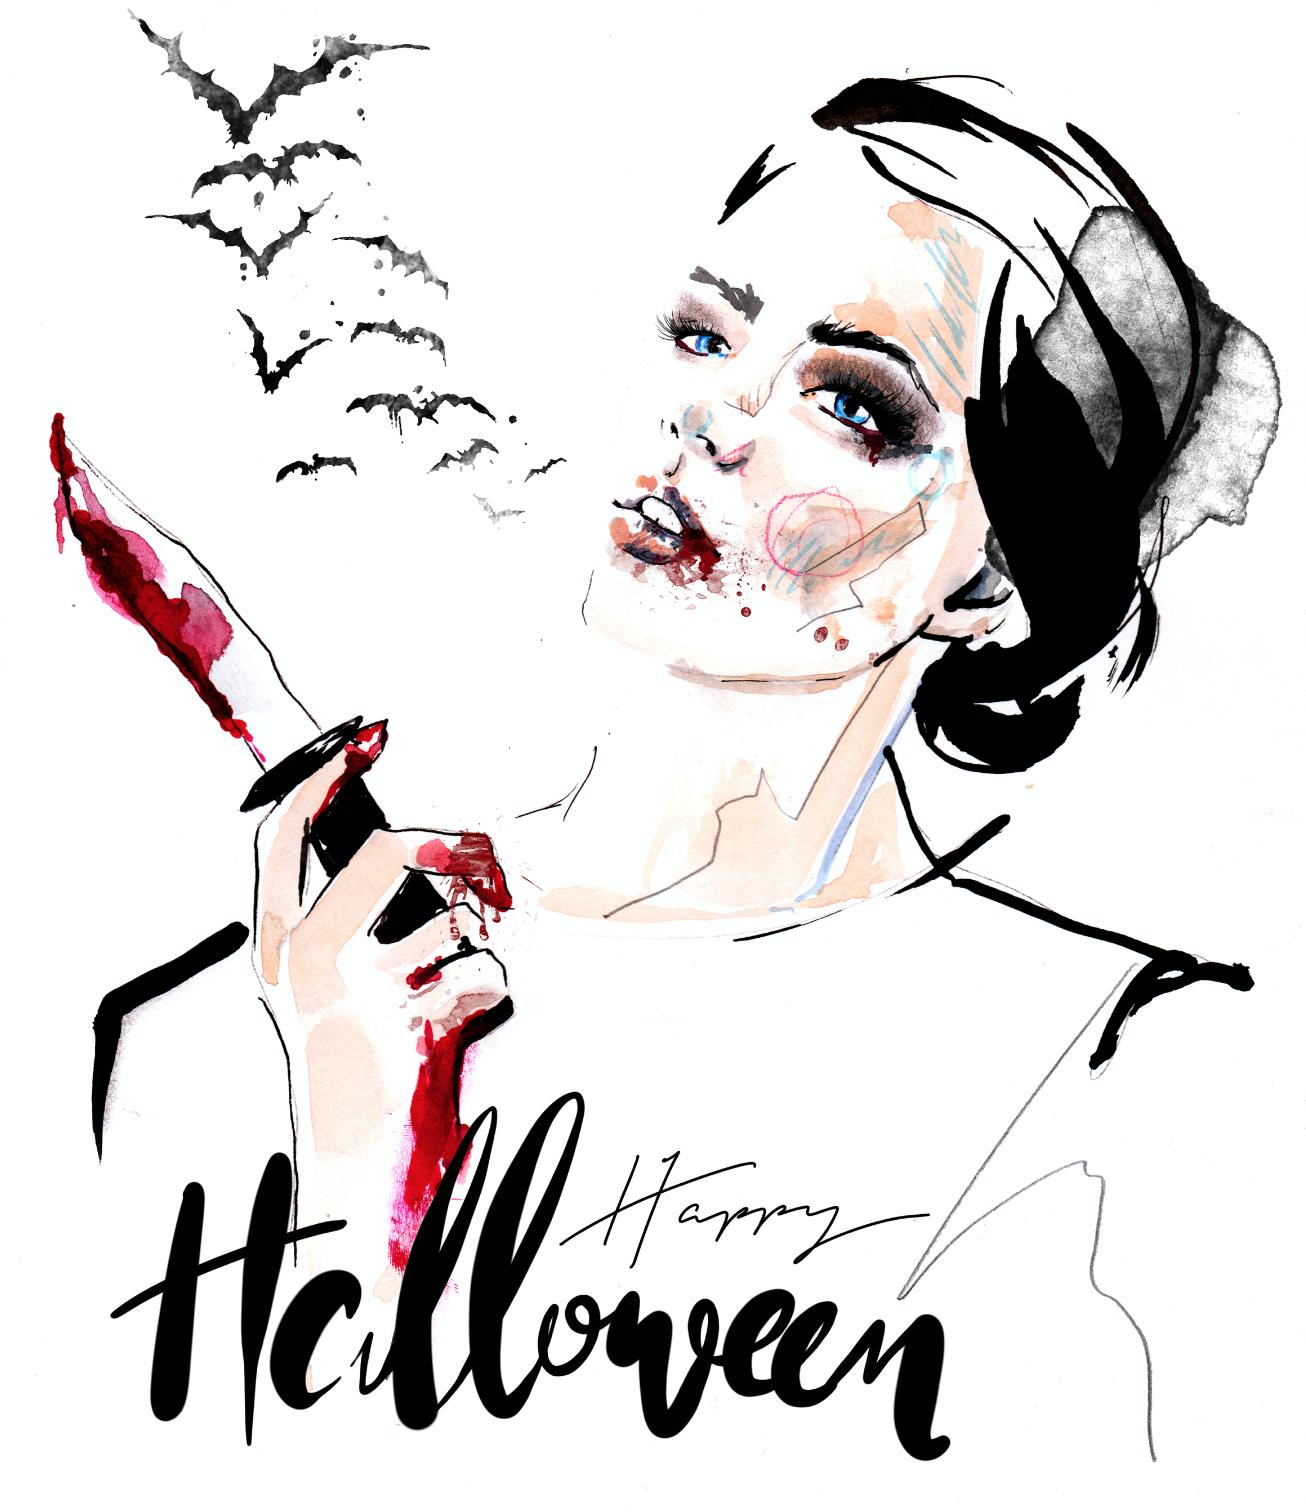 Halloween fashion illustration